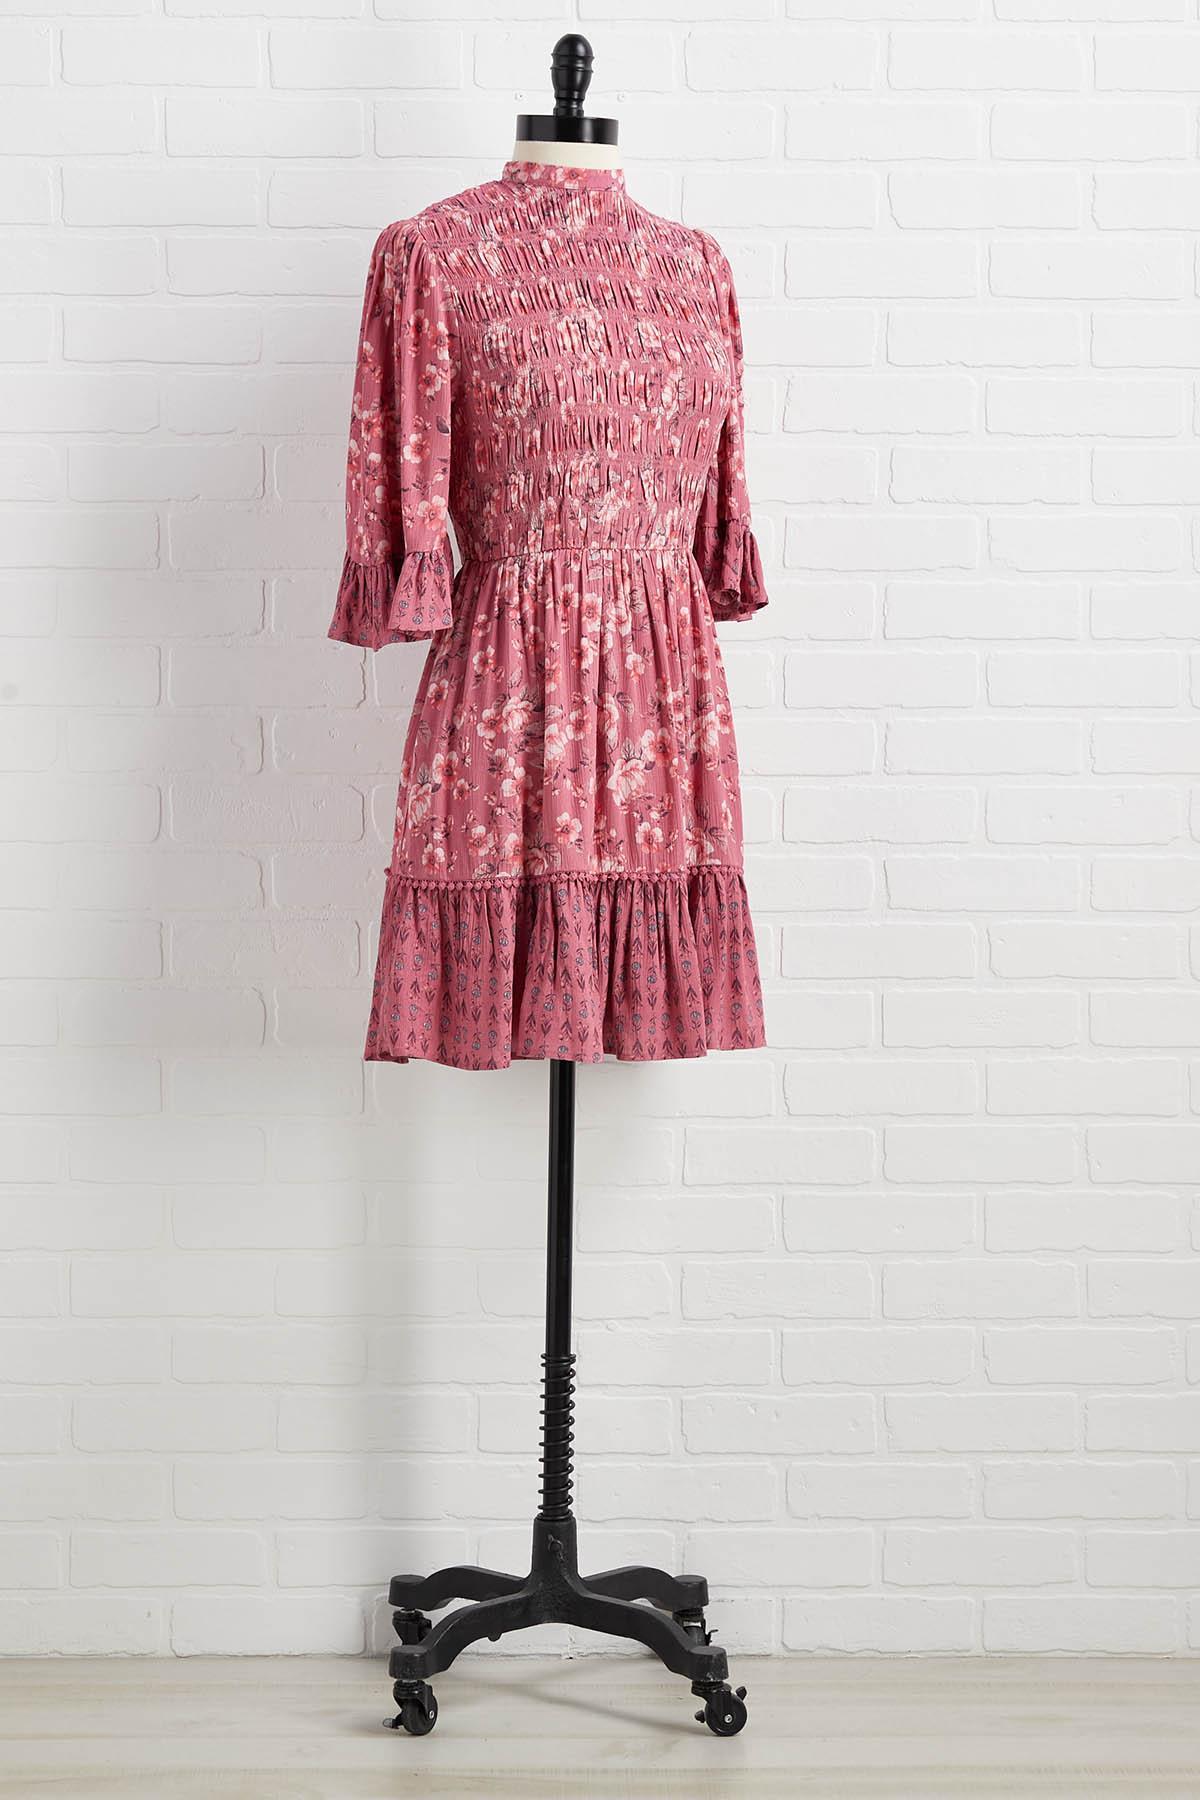 Cherry Blossom Festival Dress